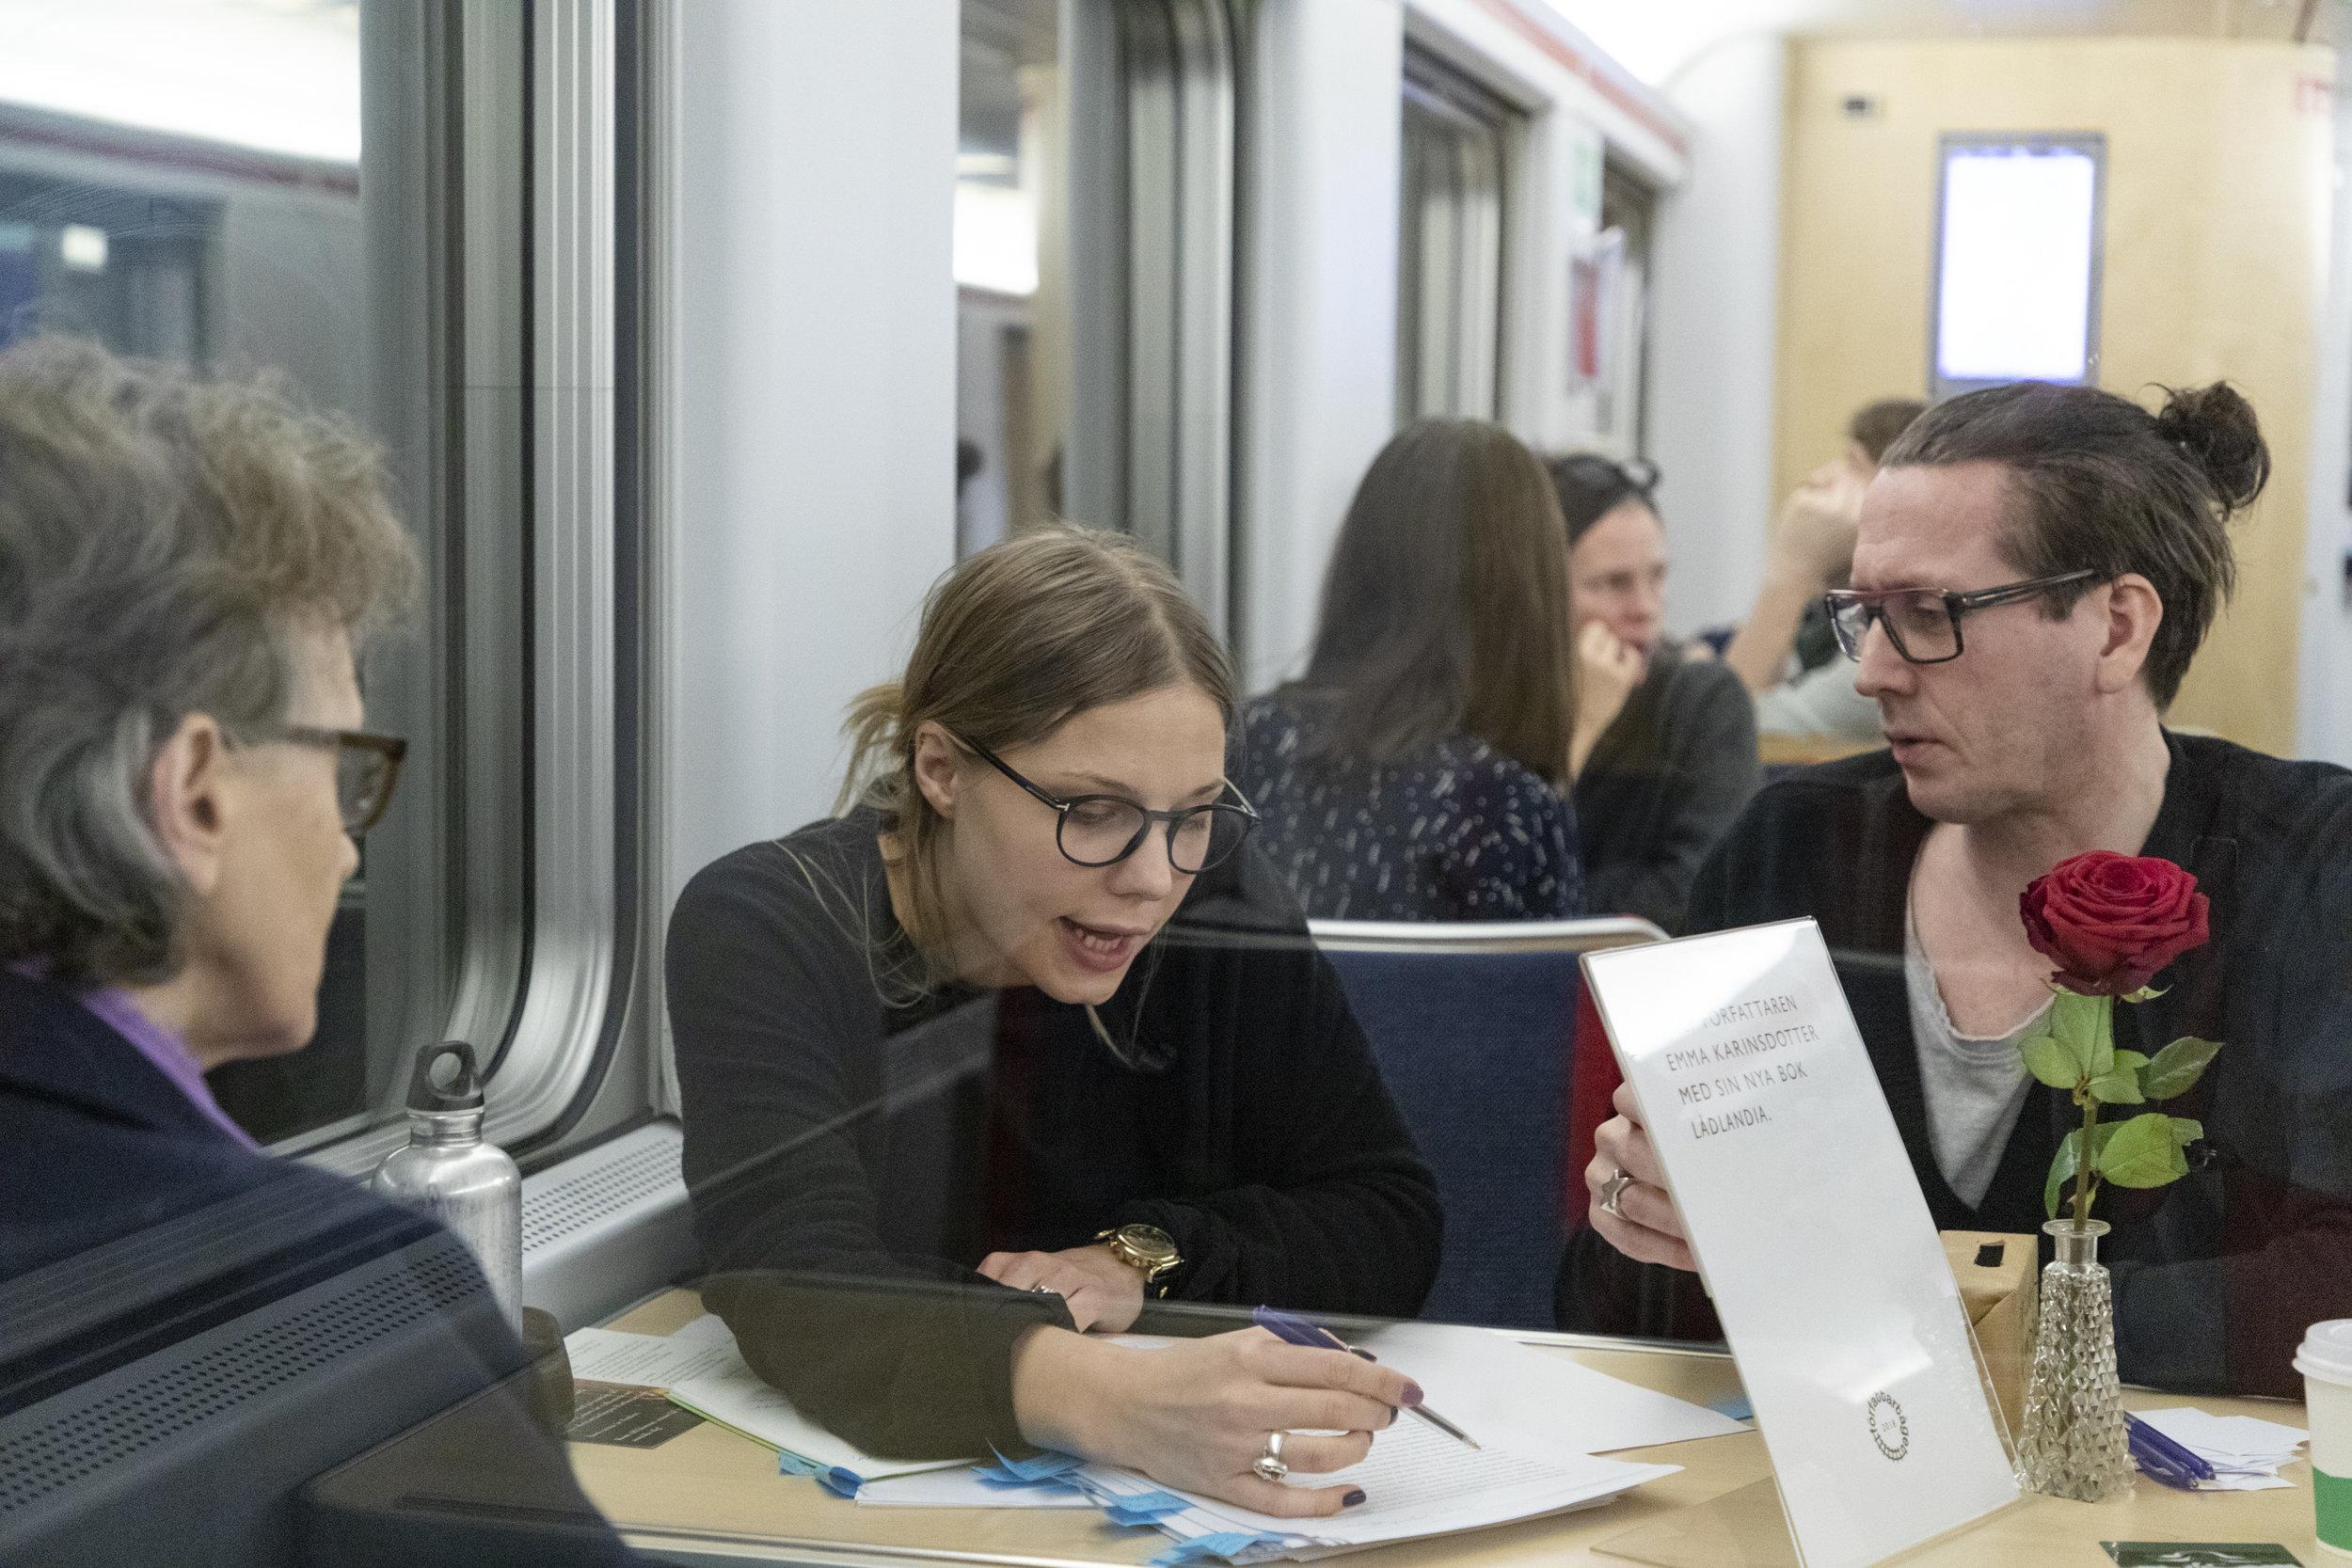 Emma Karinsdotter var en av författarna ombord på Författartåget 2018. Foto: Katarina Myrberg/Författartåget